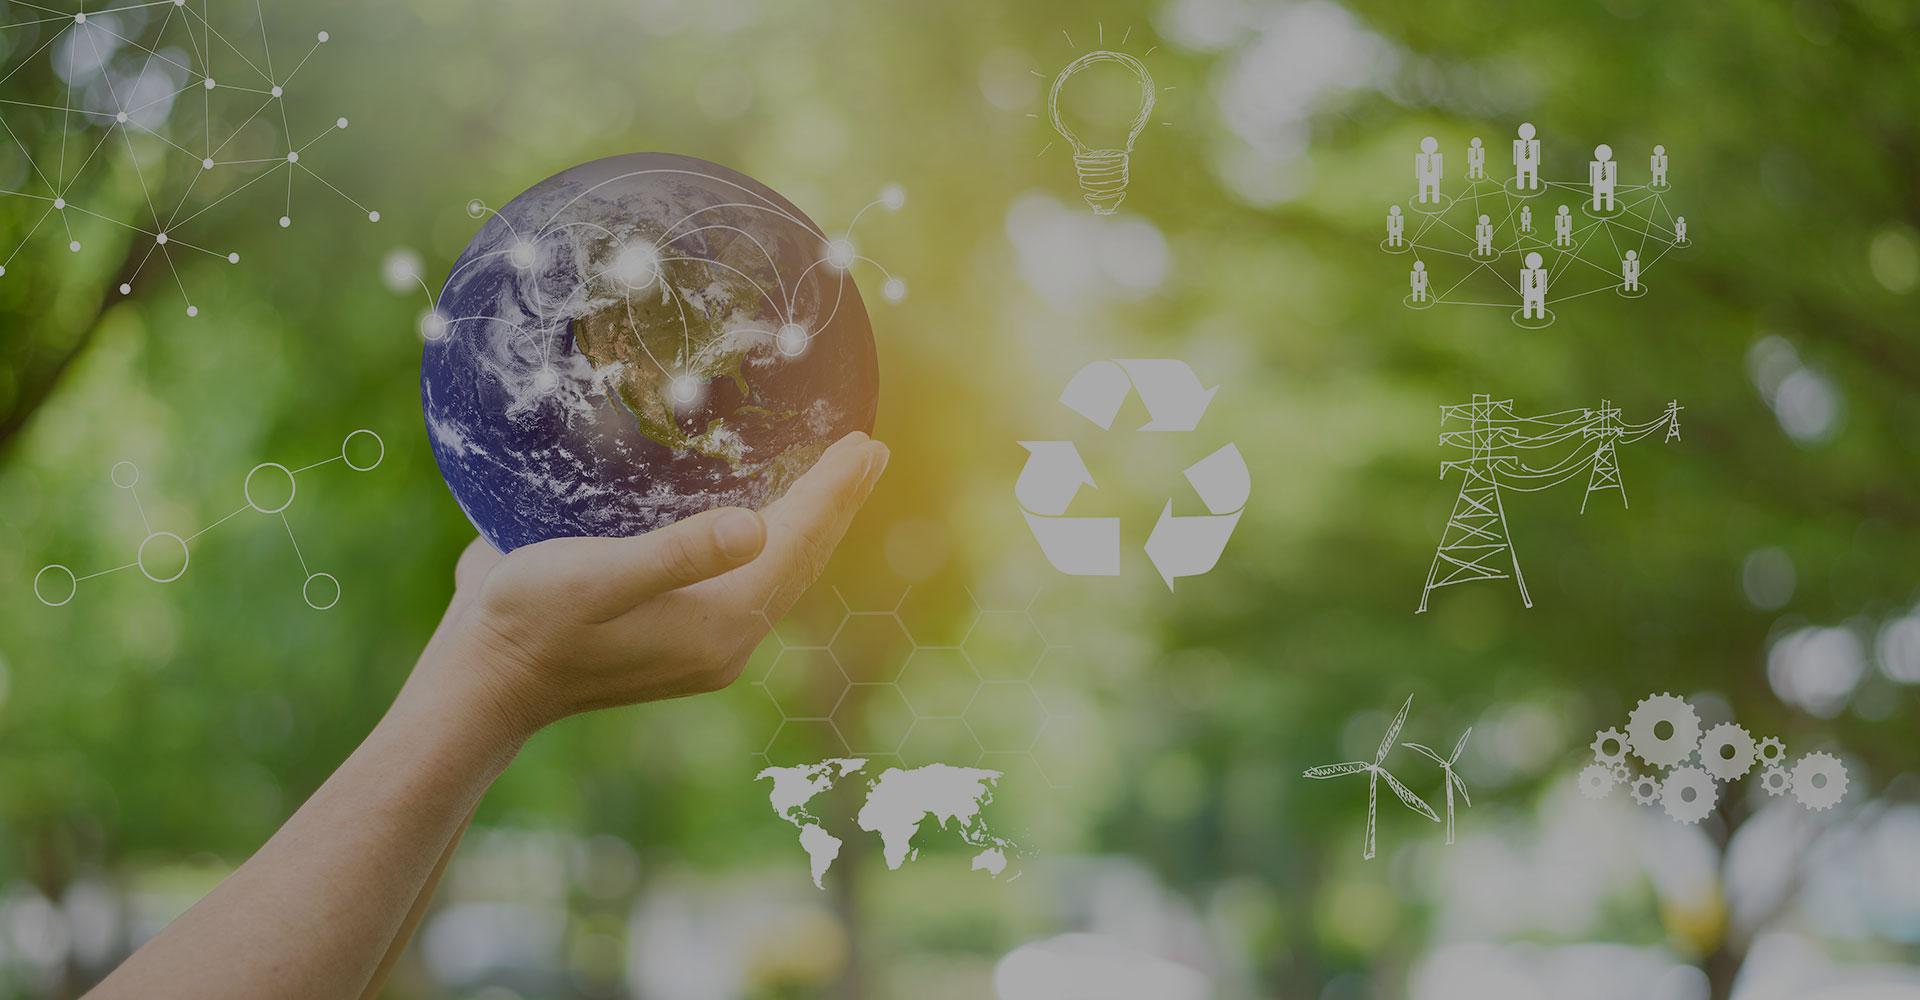 Bienvenidos a la sostenibilidad digital